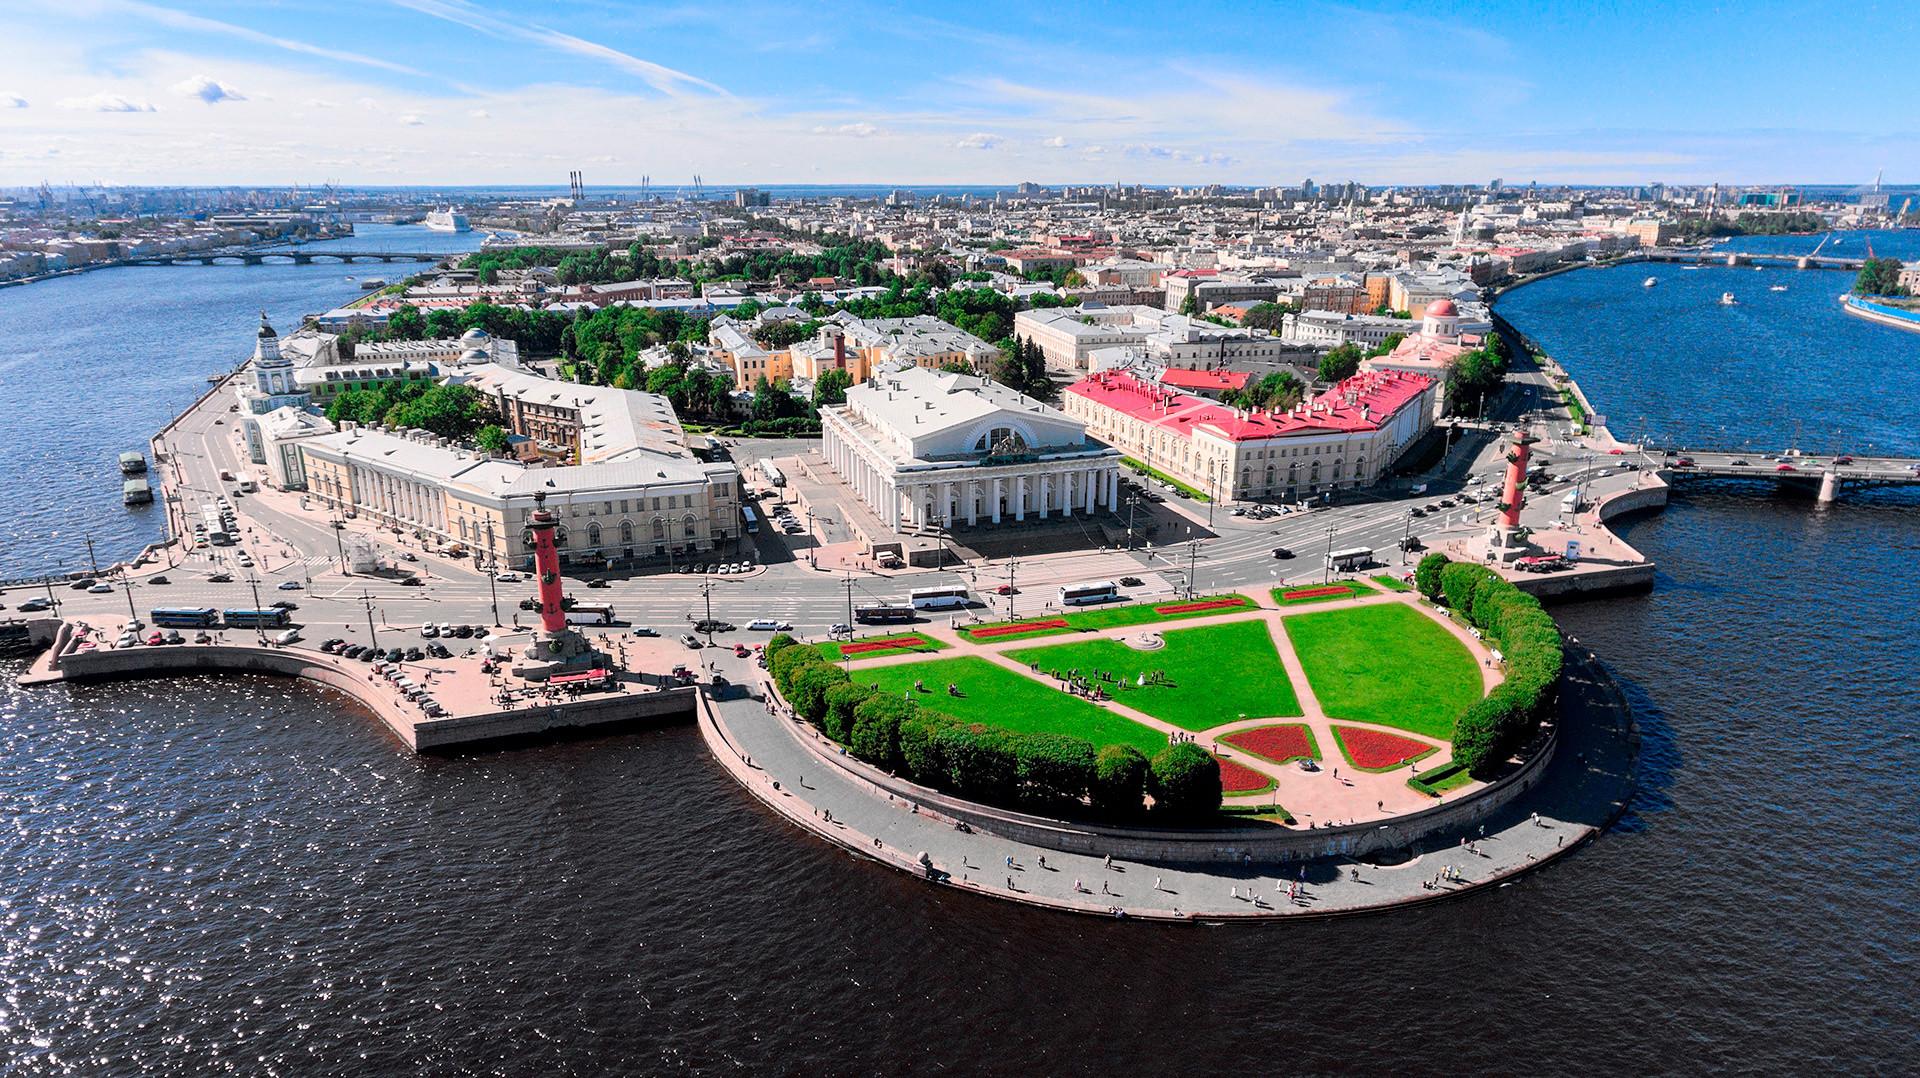 Die berühmte Landzunge der Wassiljew-Insel in Sankt Petersburg